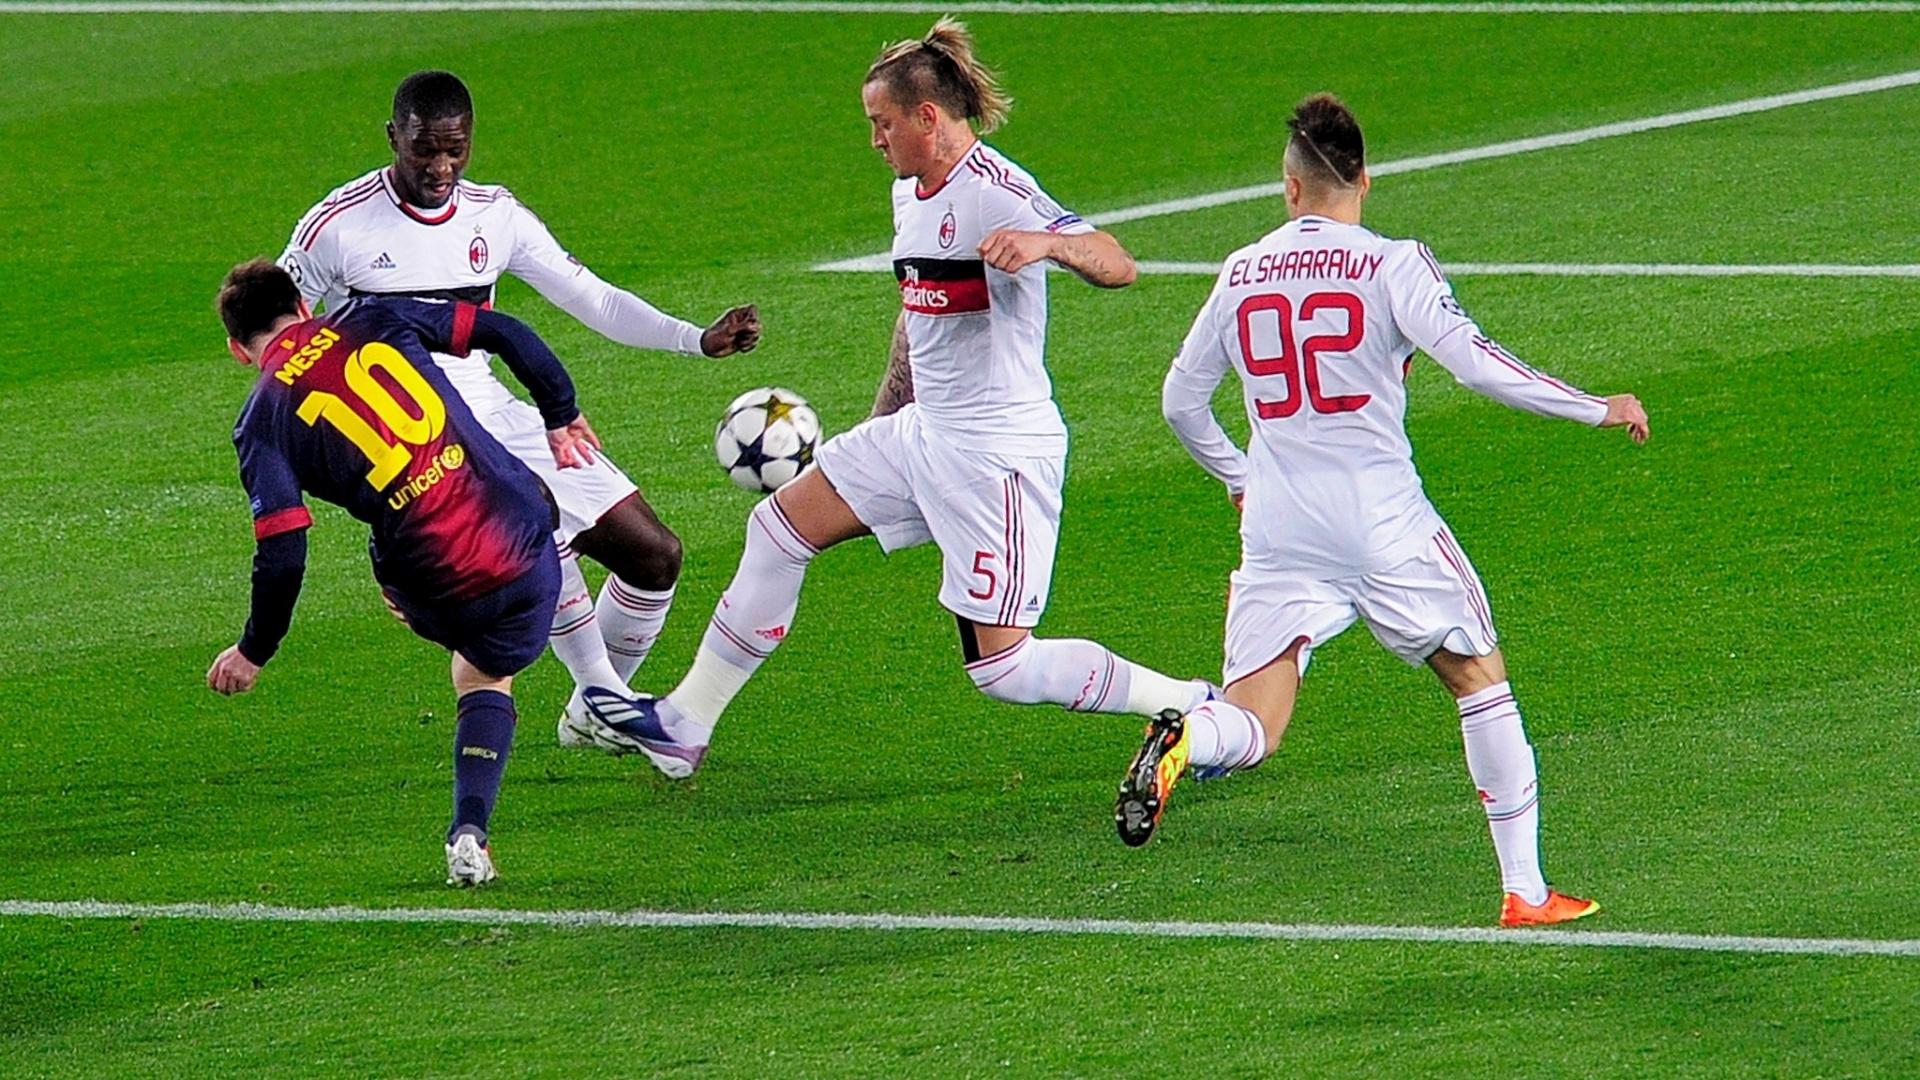 12.03.2013 - Mesmo cercado por dois marcadores, Messi chuta e faz um golaço para o Barcelona contra o Milan